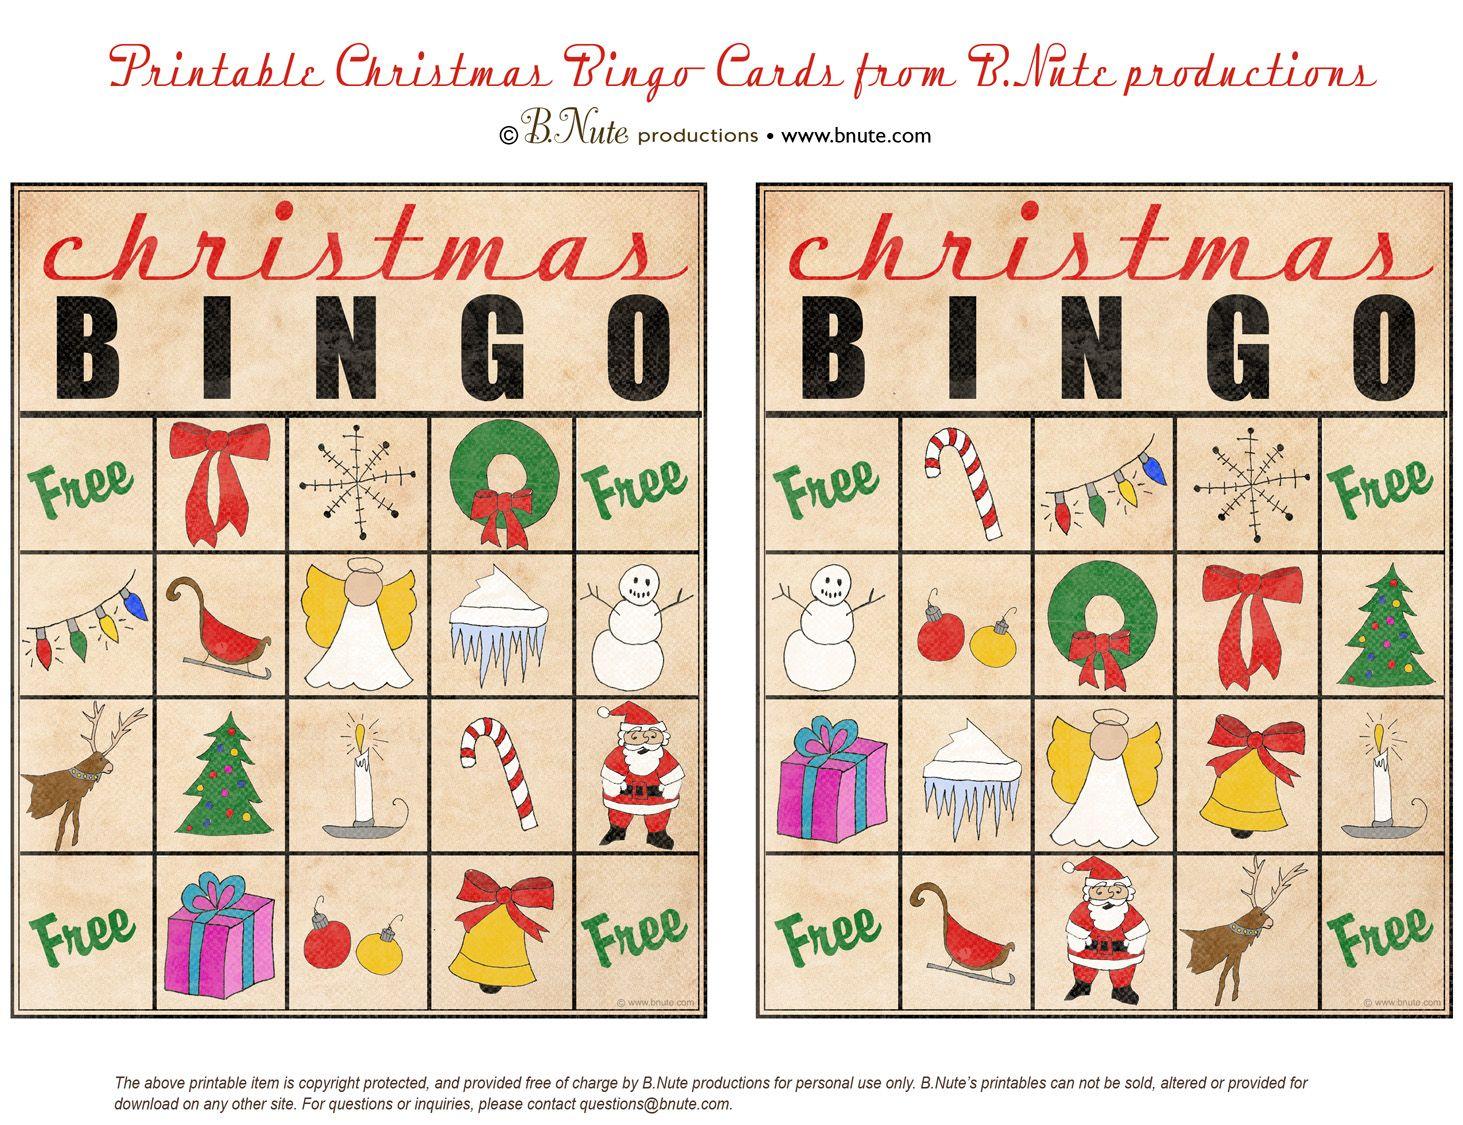 Christmas Printables Images | Free Printable Christmas Bingo Cards - Free Printable Christmas Bingo